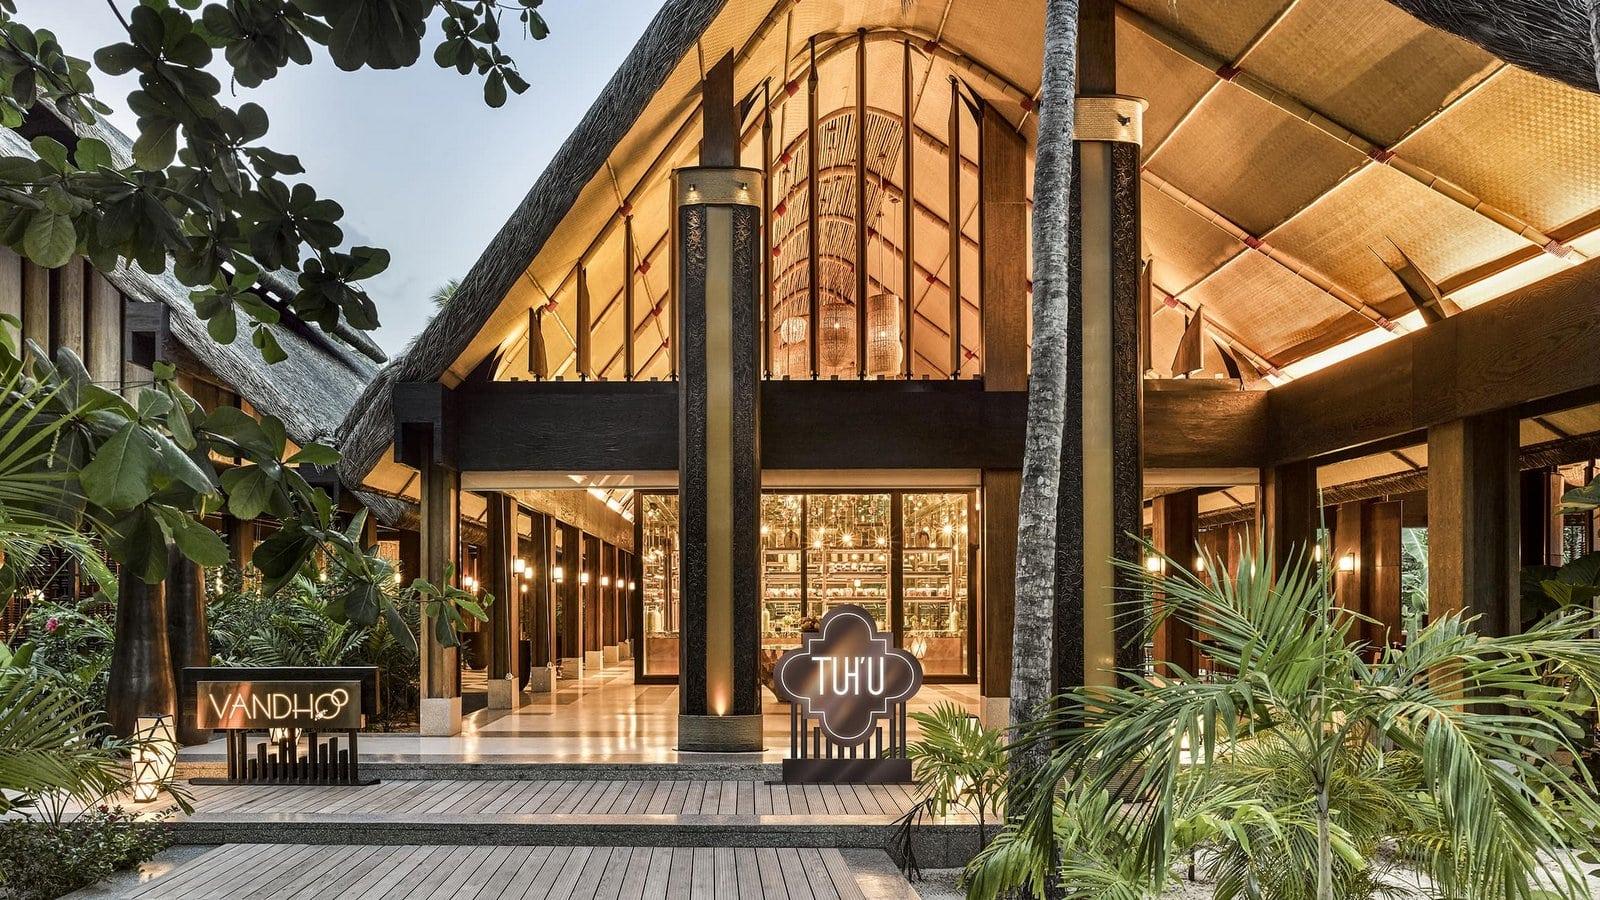 Мальдивы, отель Joali Maldives, ресторан Tuhu